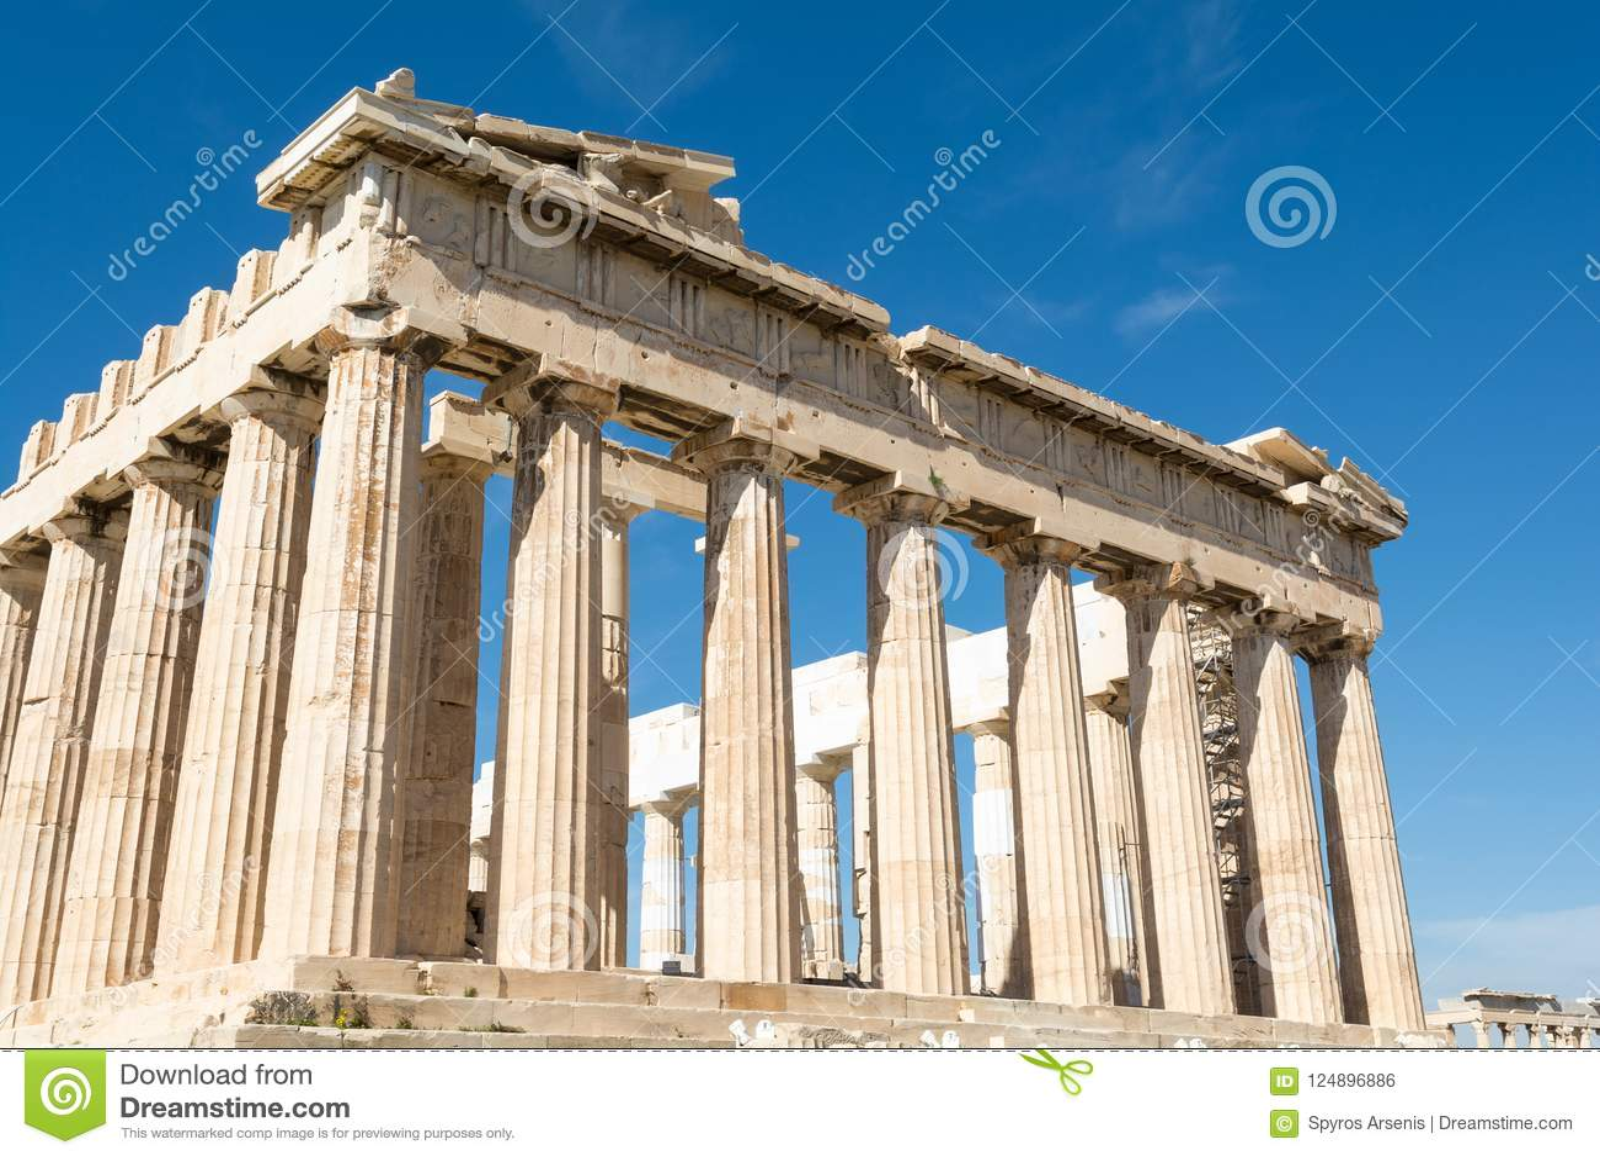 El templo del Parthenon en la roca sagrada de la acrópolis de